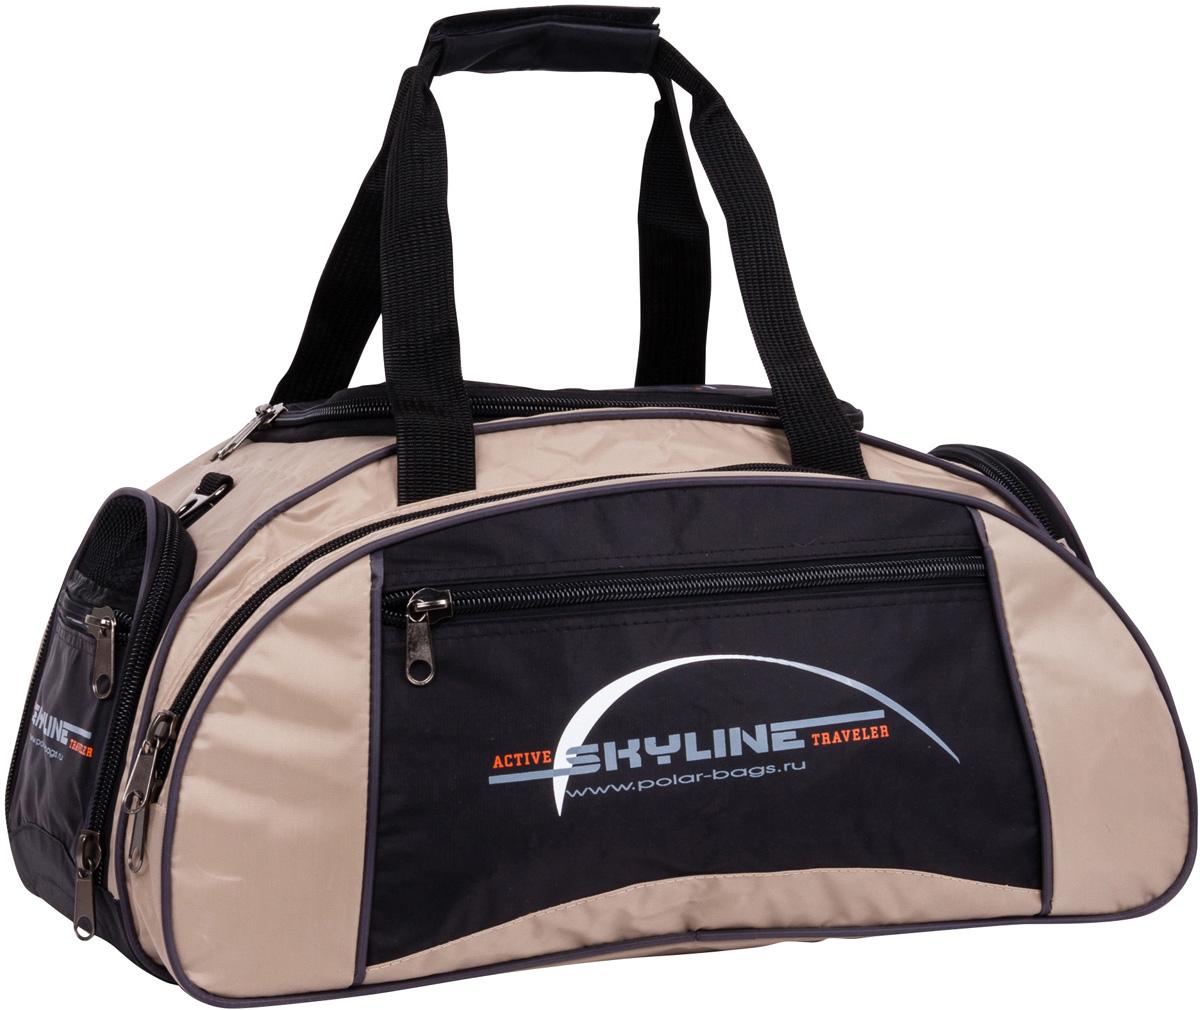 Сумка спортивная Polar Скайлайн, цвет: черный, бежевый, 36 л, 50 х 24 х 30 см. 60636063Спортивная сумка для ваших вещей. Большое отделение под вещи, плюс три кармана снаружи сумки, позволит вместить в сумку самые необходимые вещи. Карман сбоку под обувь. Имеется плечевой ремень.